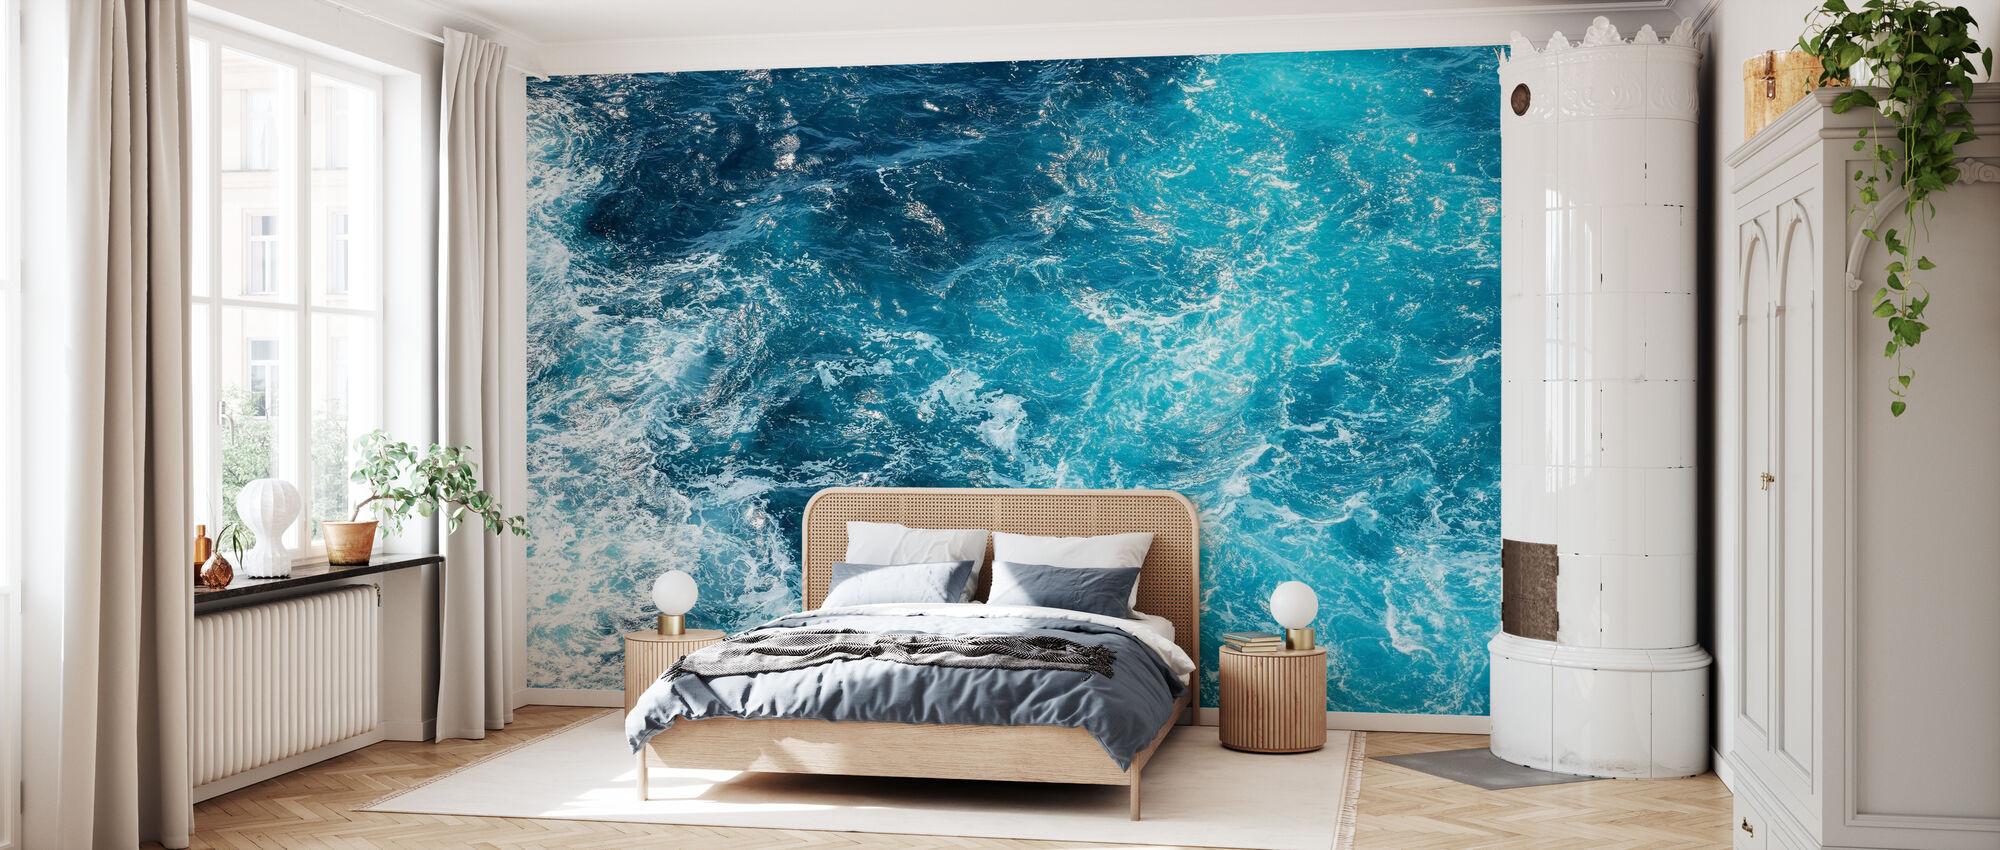 Grove sjøbølger - Tapet - Soverom